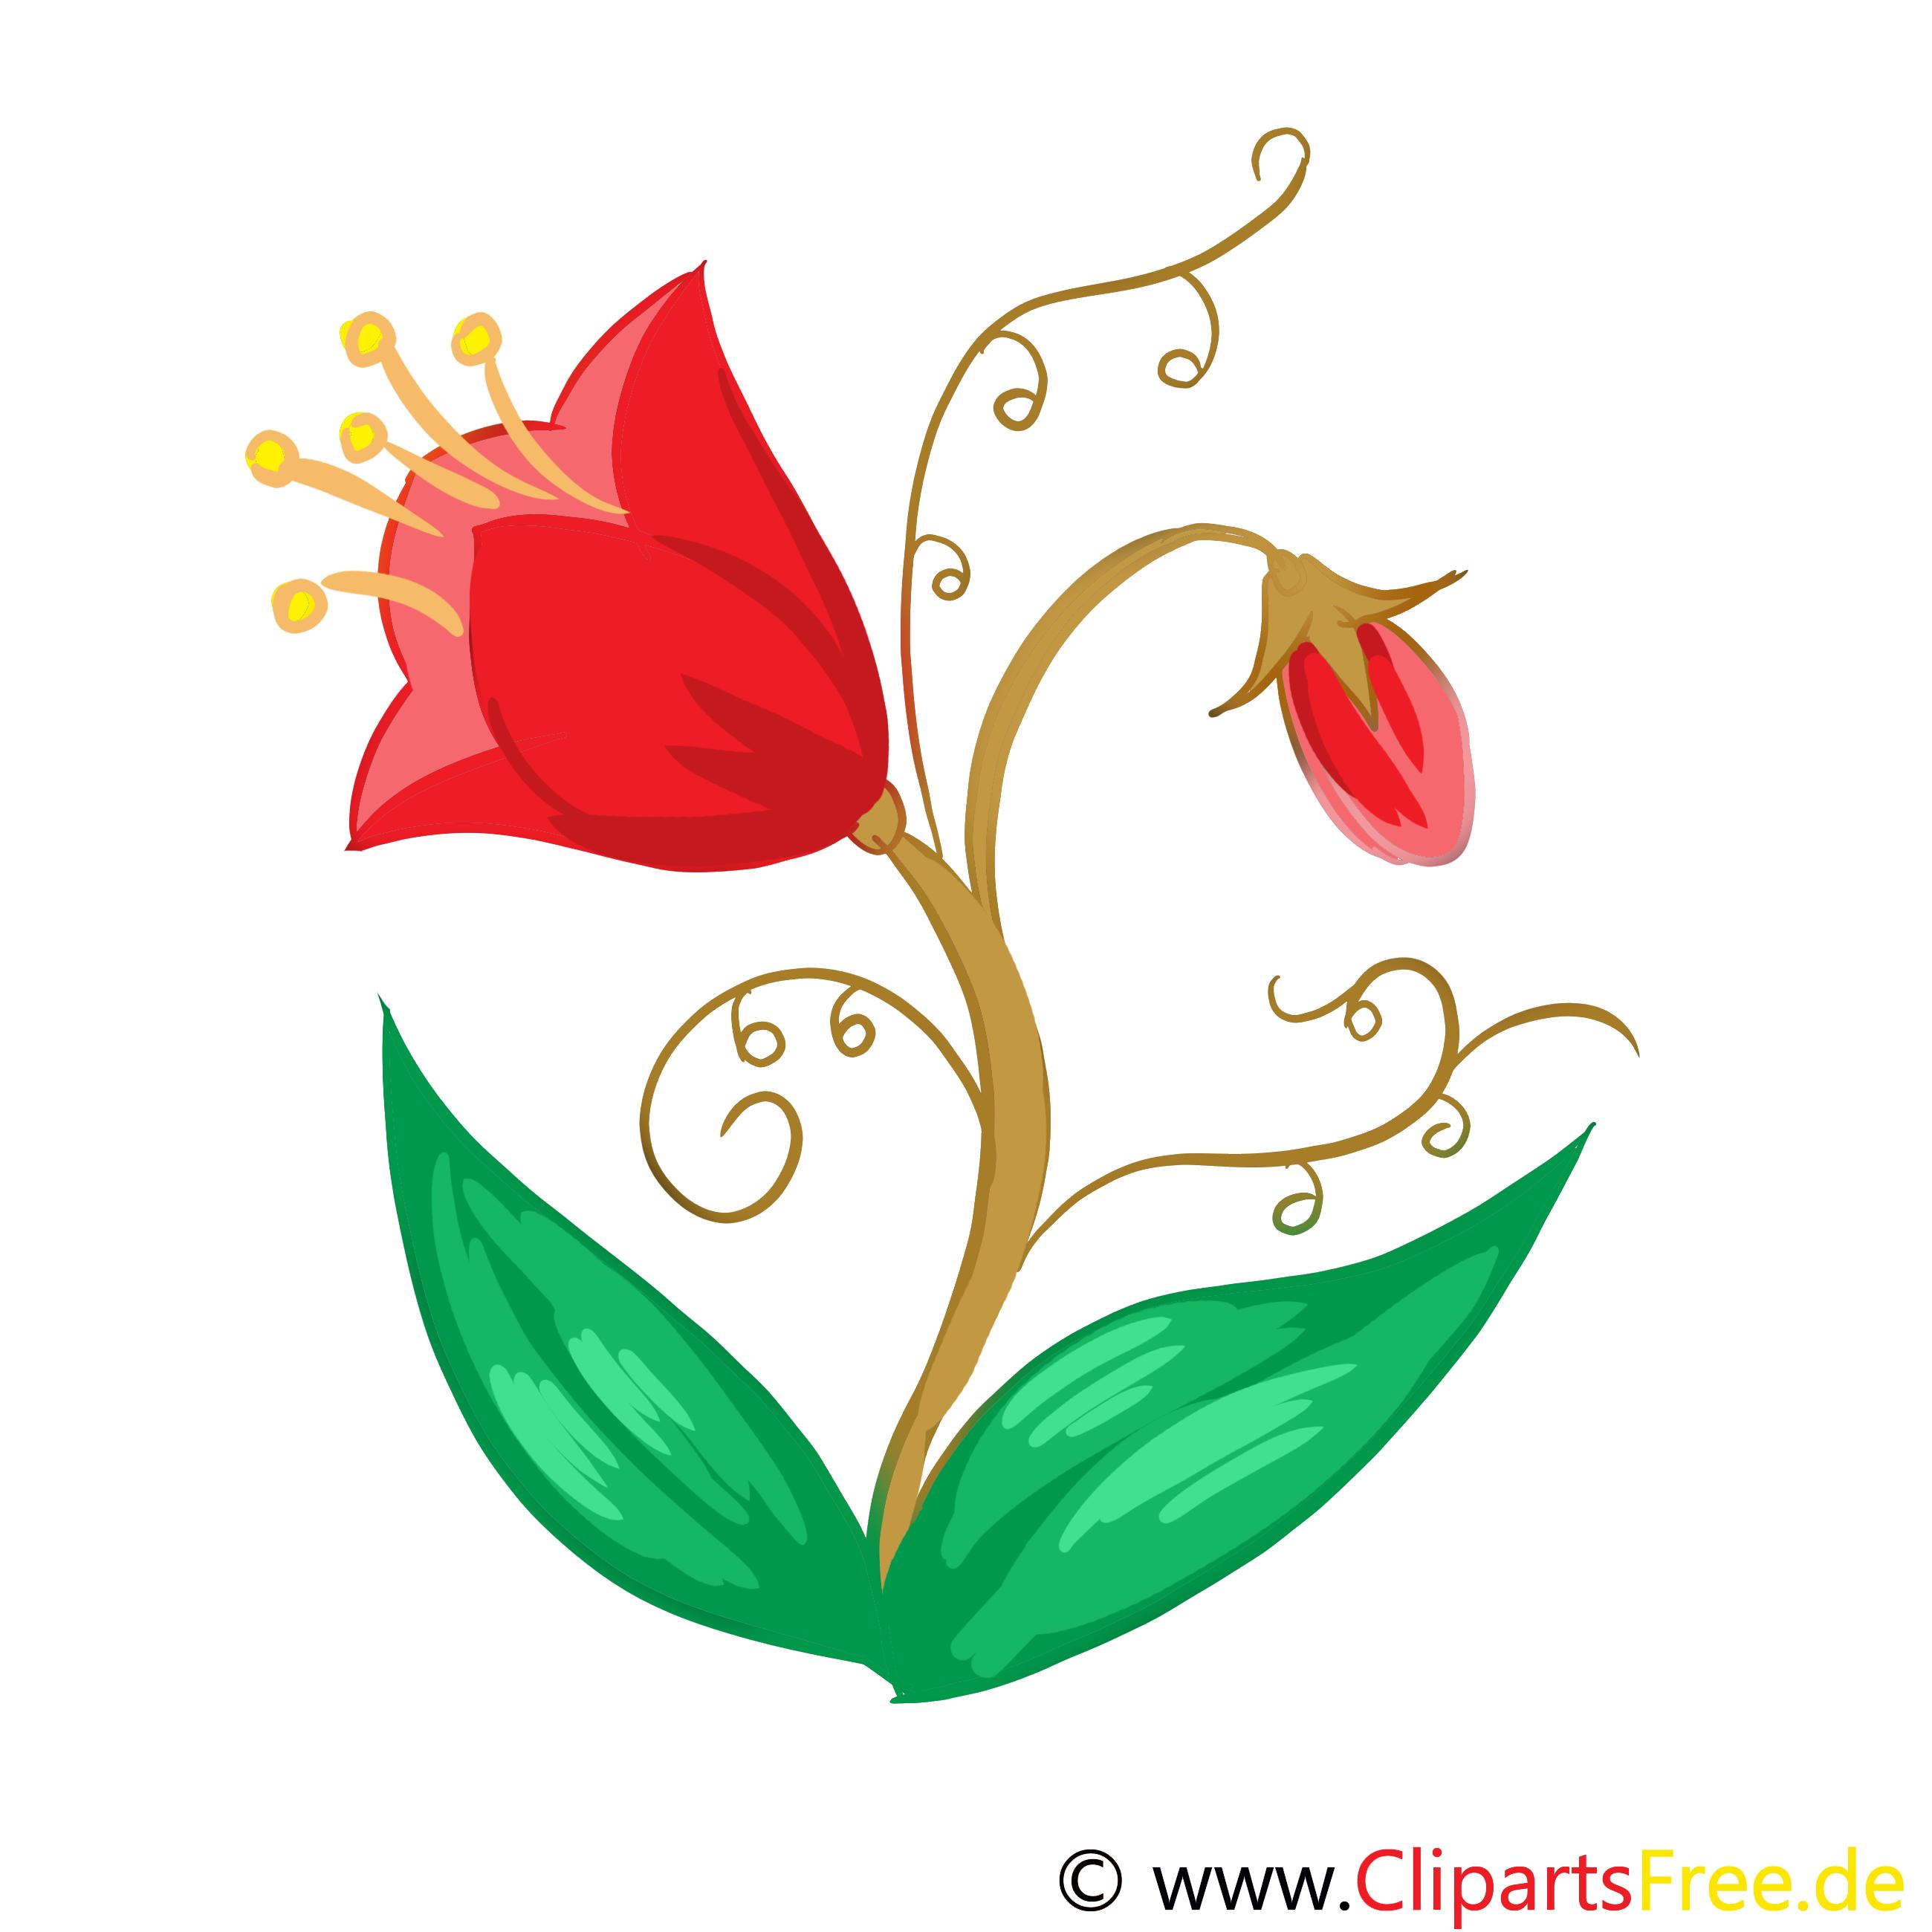 Tulipe clip art gratuit - Fleurs images - Fleurs dessin ...